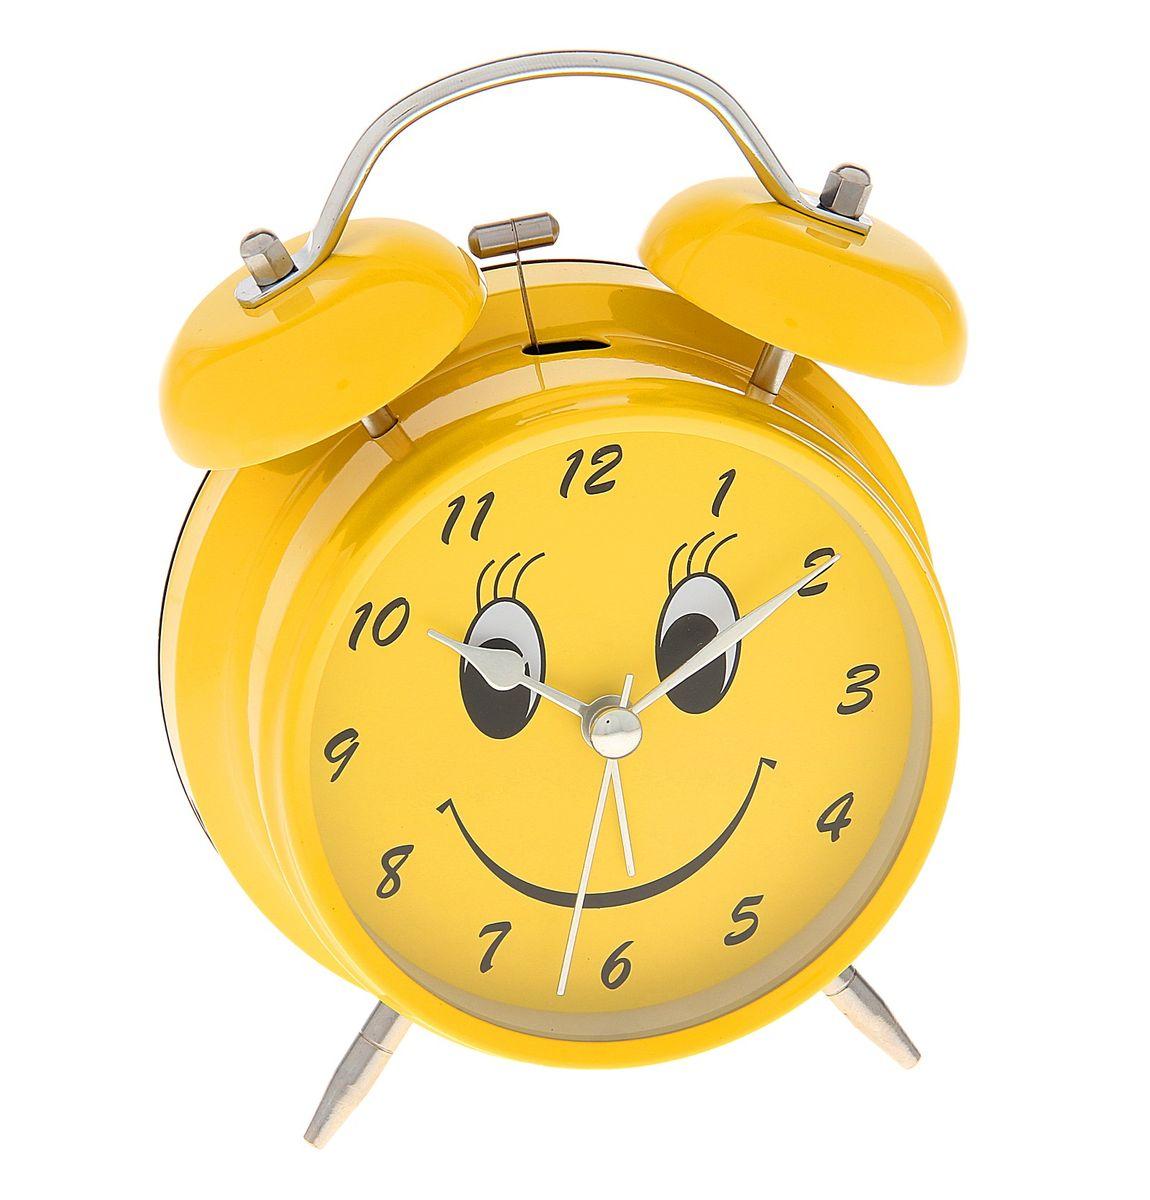 Часы-будильник Sima-land Смайл, цвет: желтый. 720829MRC 4141 P schwarzКак же сложно иногда вставать вовремя! Всегда так хочется поспать еще хотя бы 5 минут и бывает, что мы просыпаем. Теперь этого не случится! Яркий, оригинальный будильник Sima-land Смайл поможет вам всегда вставать в нужное время и успевать везде и всюду.Корпус будильника выполнен из металла. Циферблат оформлен изображением веселого смайла. Часы снабжены 4 стрелками (секундная, минутная, часовая и для будильника). На задней панели будильника расположен переключатель включения/выключения механизма, а также два колесика для настройки текущего времени и времени звонка будильника. Часы снабжены подсветкой, которая включается нажатием на кнопку с задней стороны. Пользоваться будильником очень легко: нужно всего лишь поставить батарейку, настроить точное время и установить время звонка. Необходимо докупить 1 батарейку типа АА (не входит в комплект).